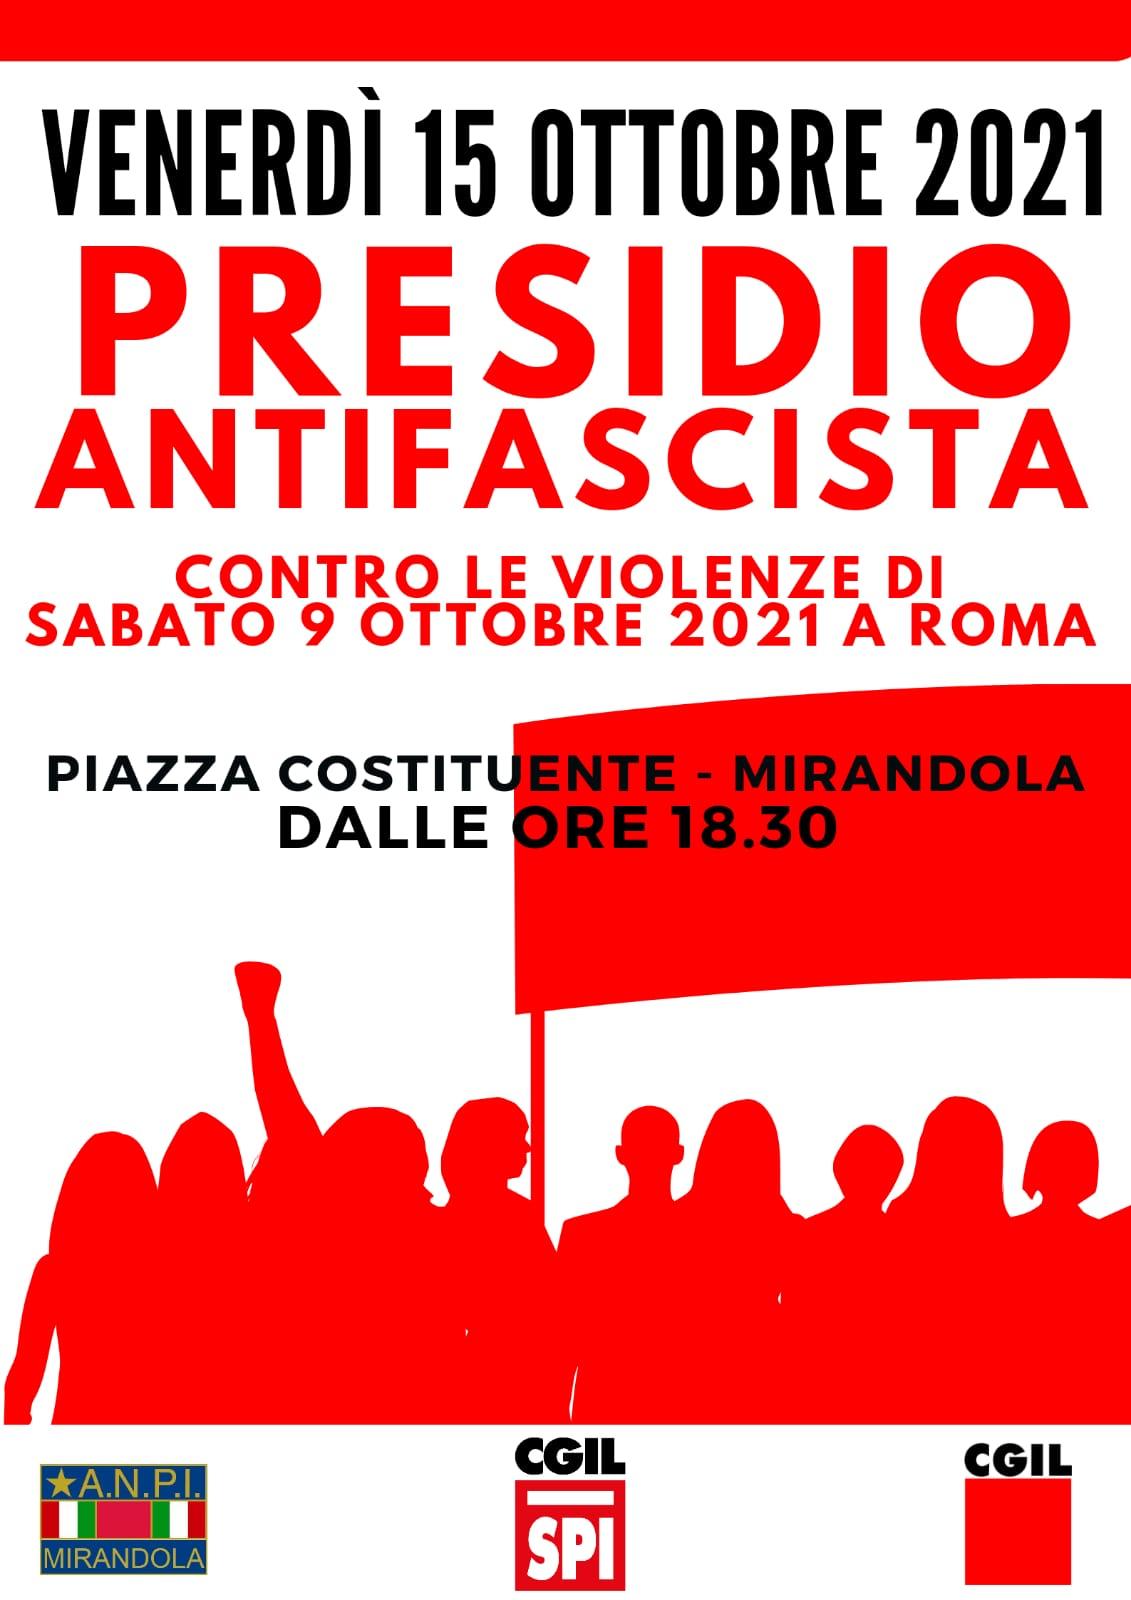 presidio antifascista Mirandola